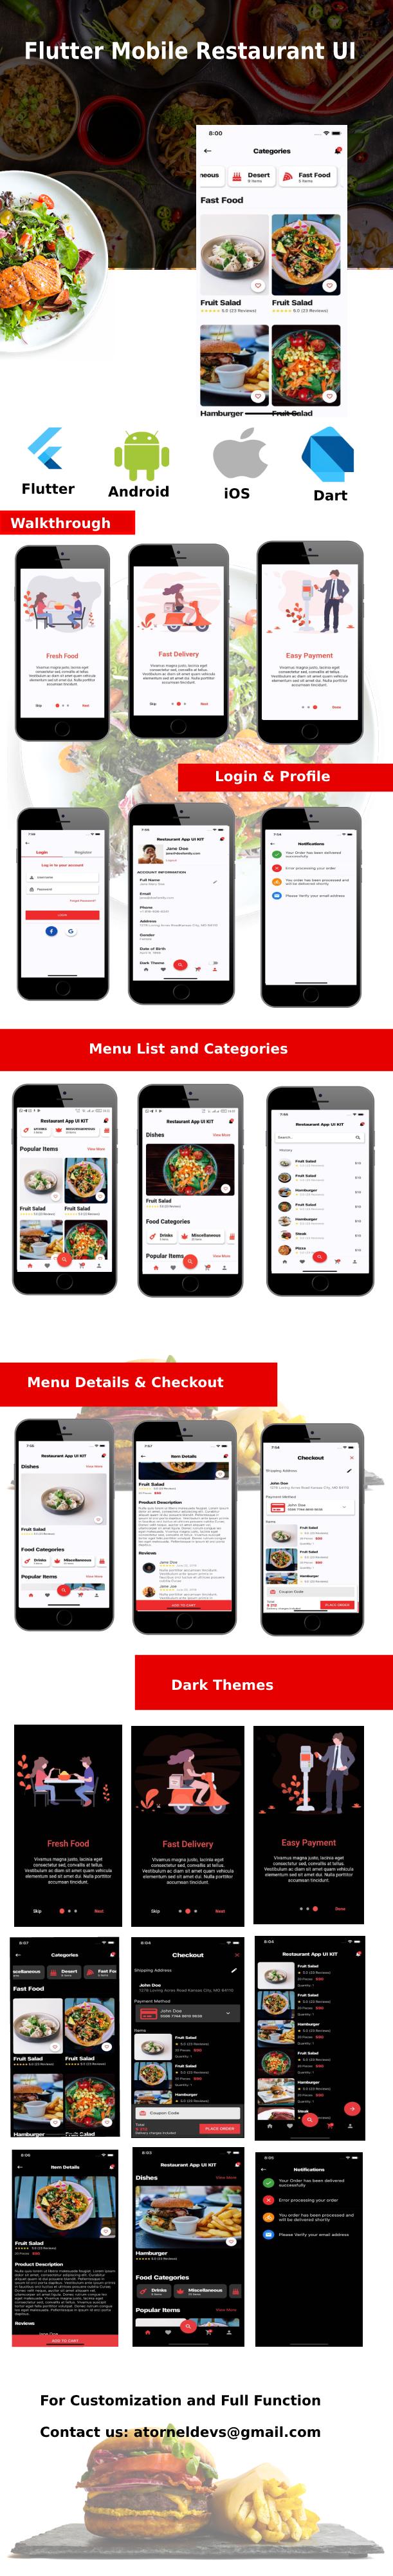 Flutter Mobile Restaurant UI KIT - 2